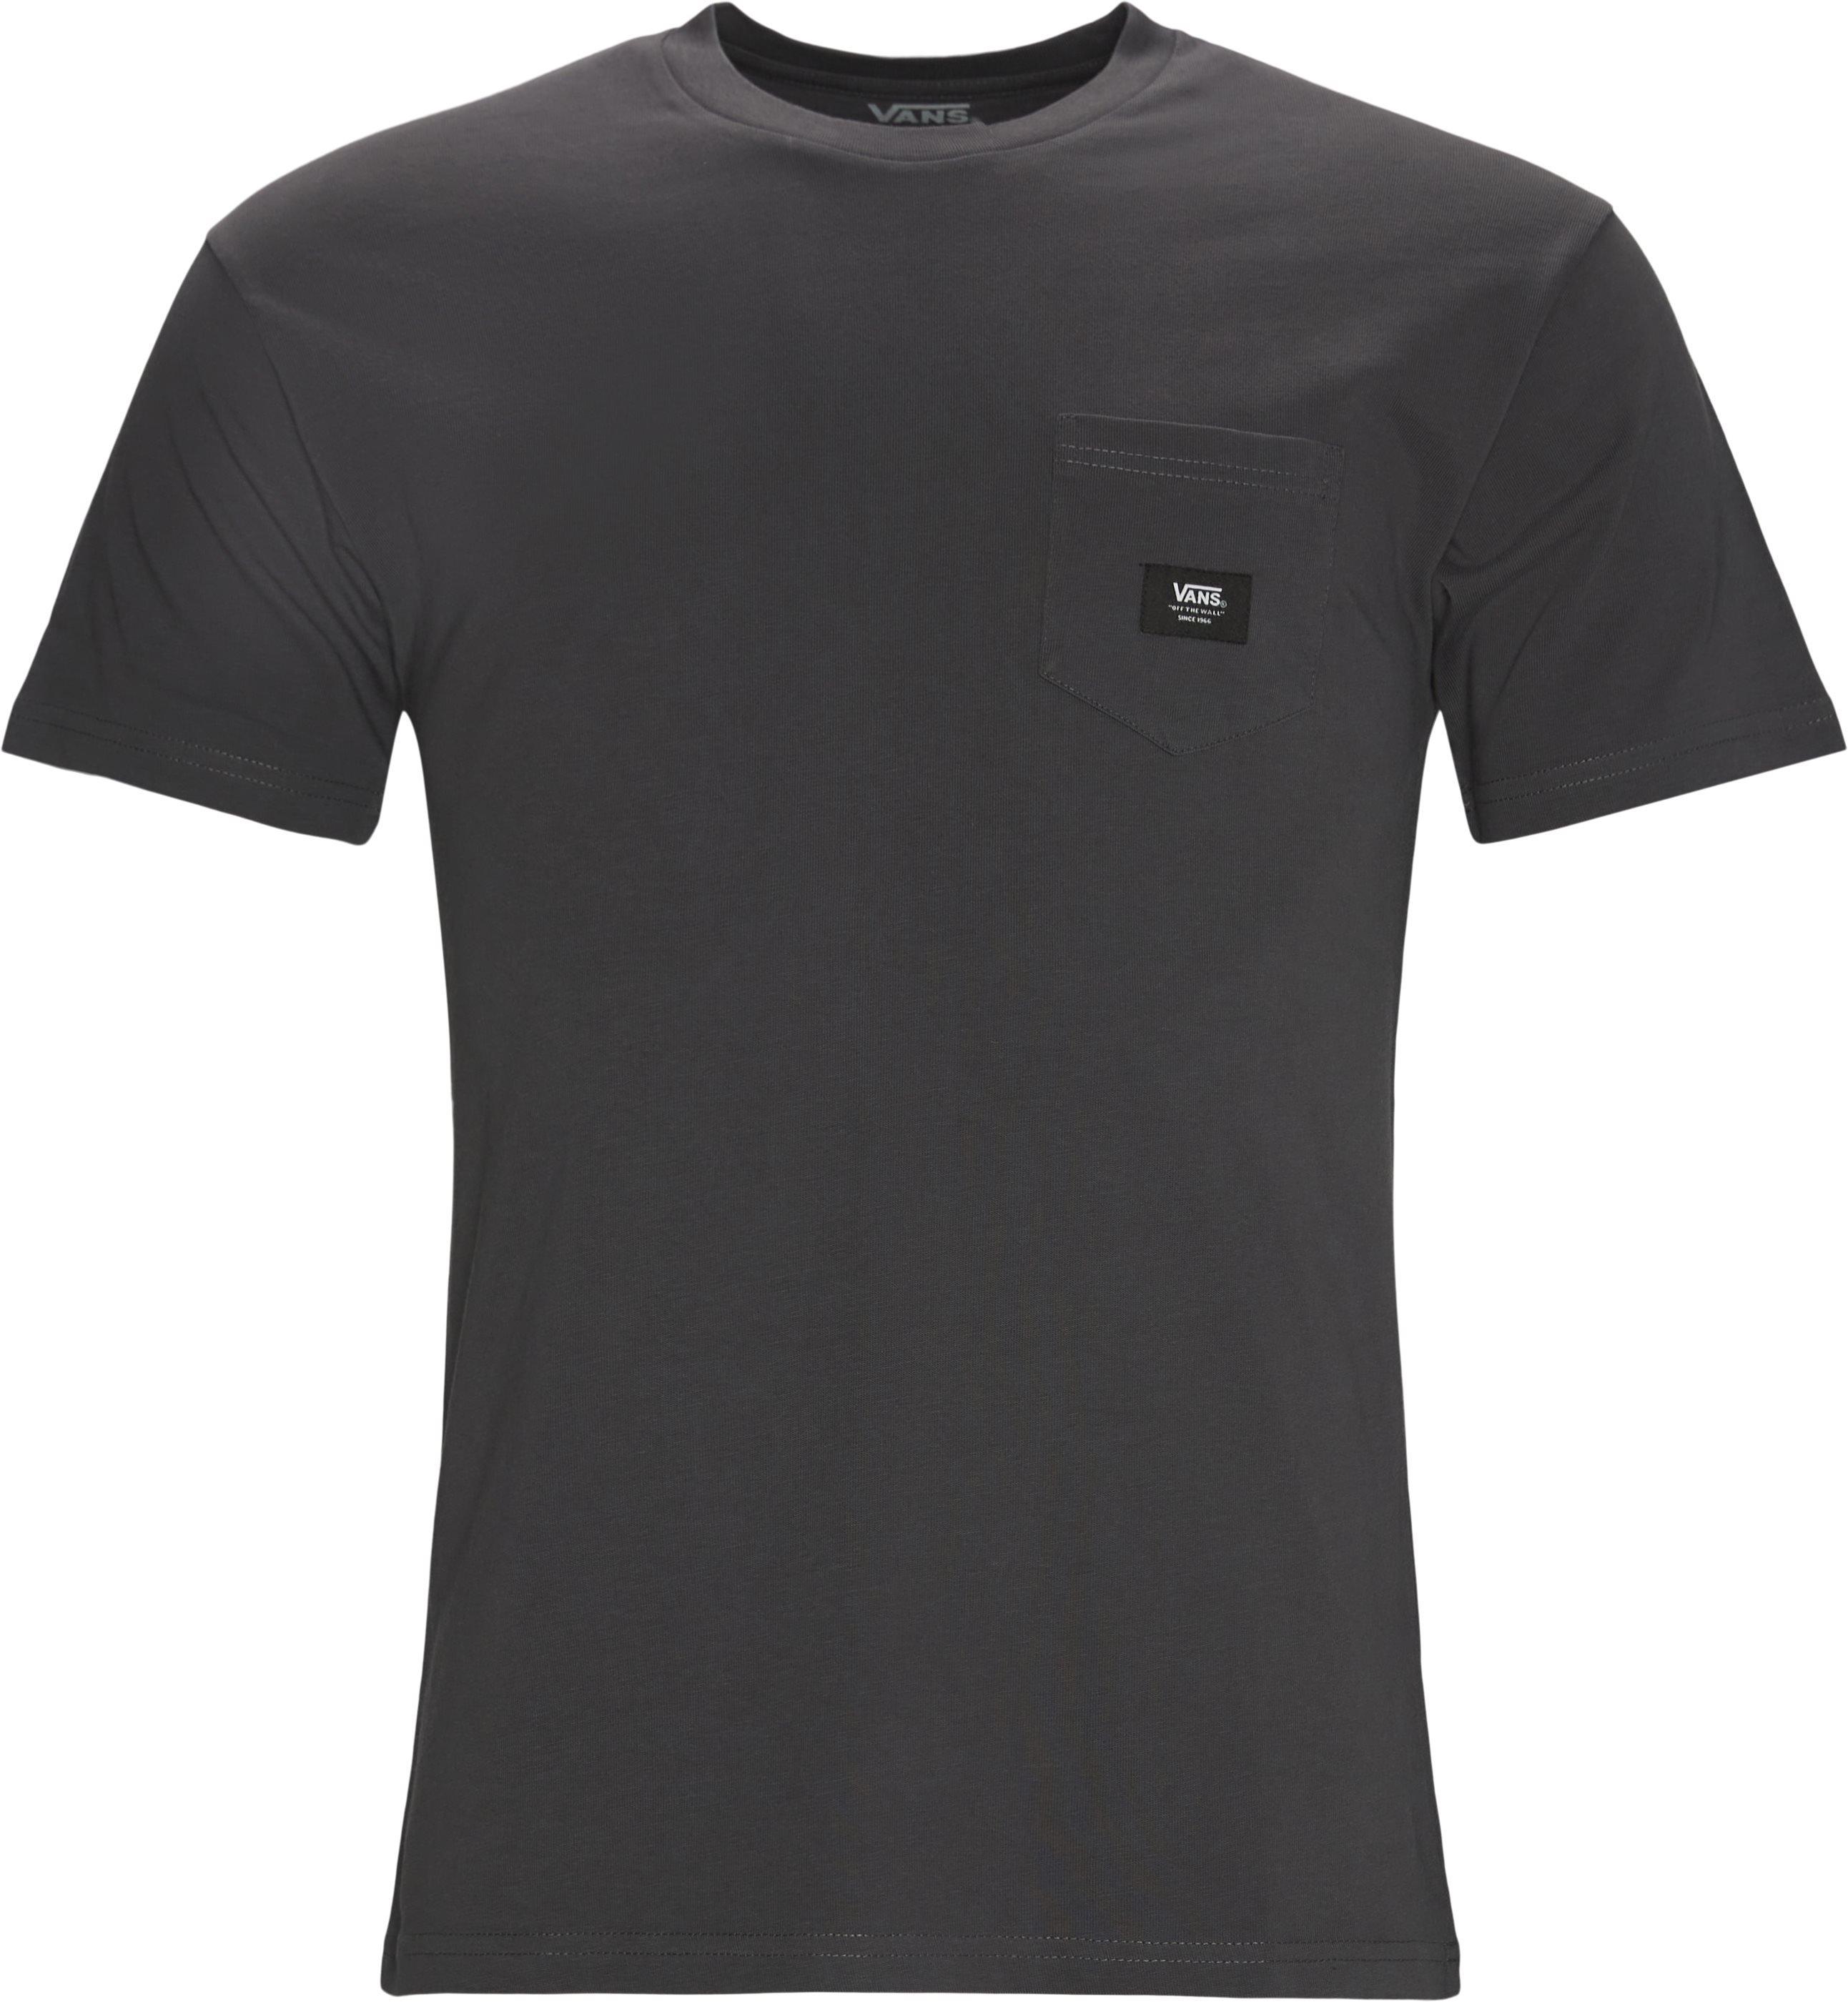 Woven Pocket Tee - T-shirts - Regular fit - Grå